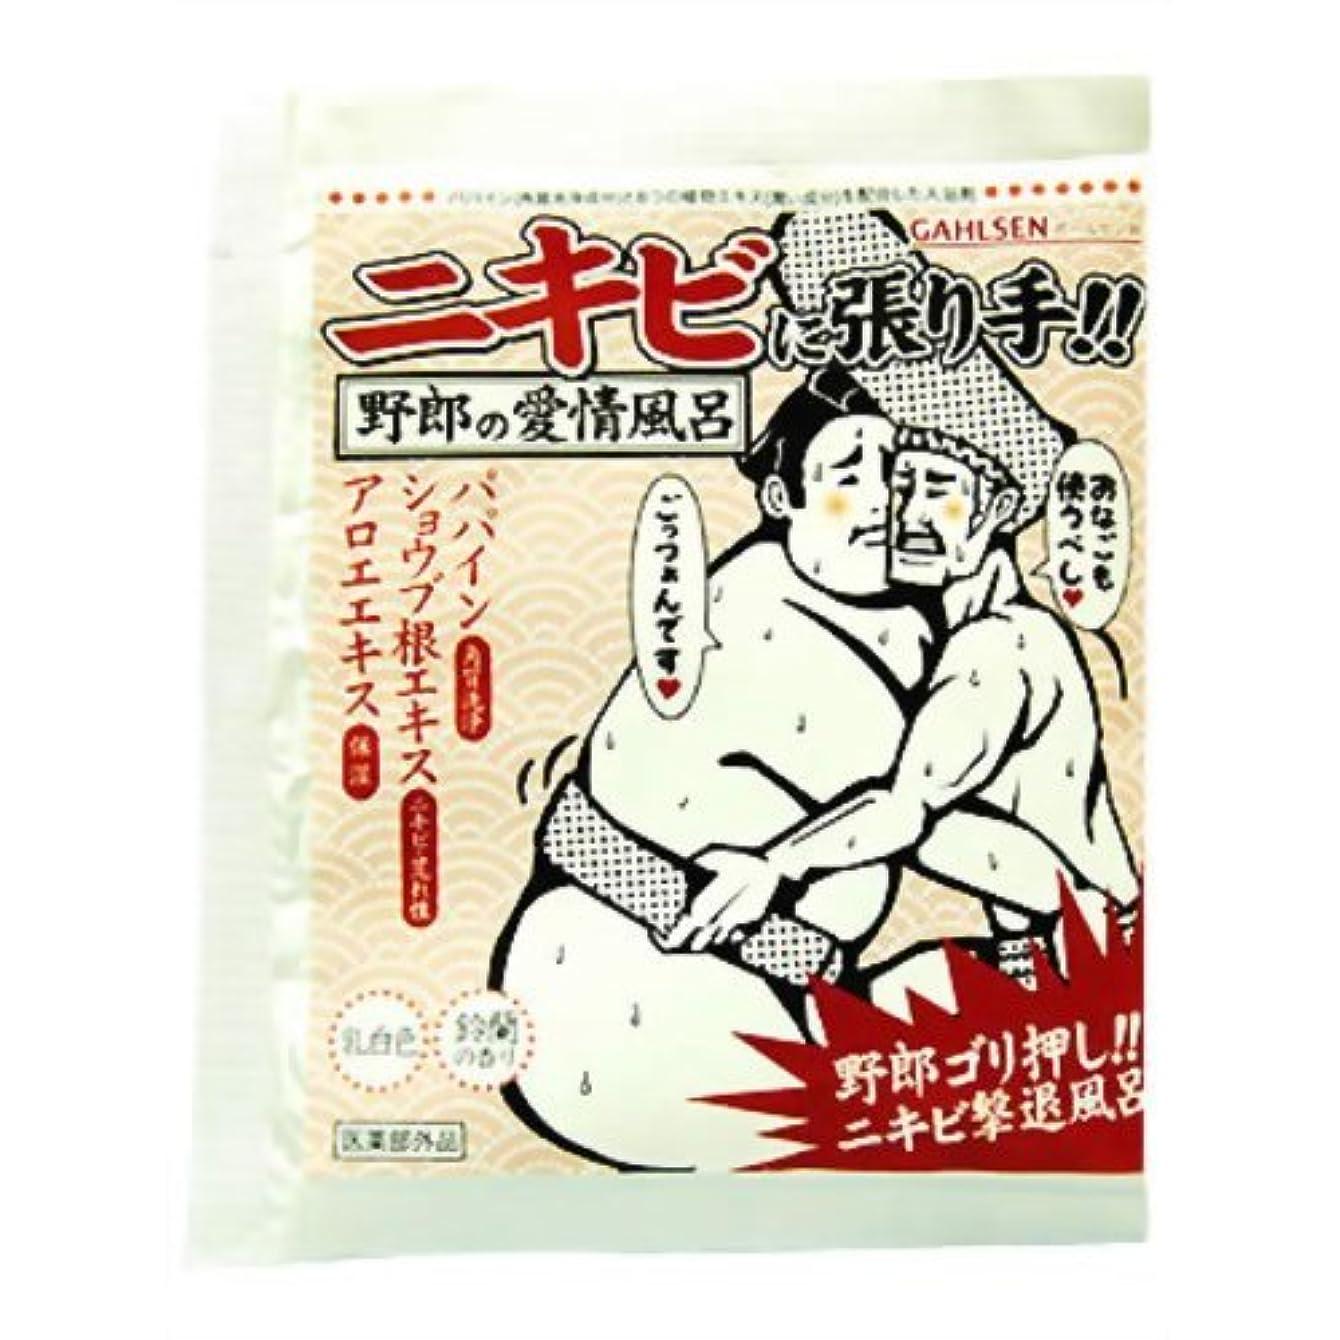 トレイ検出する万一に備えてガールセンW 25g*10袋(入浴剤)